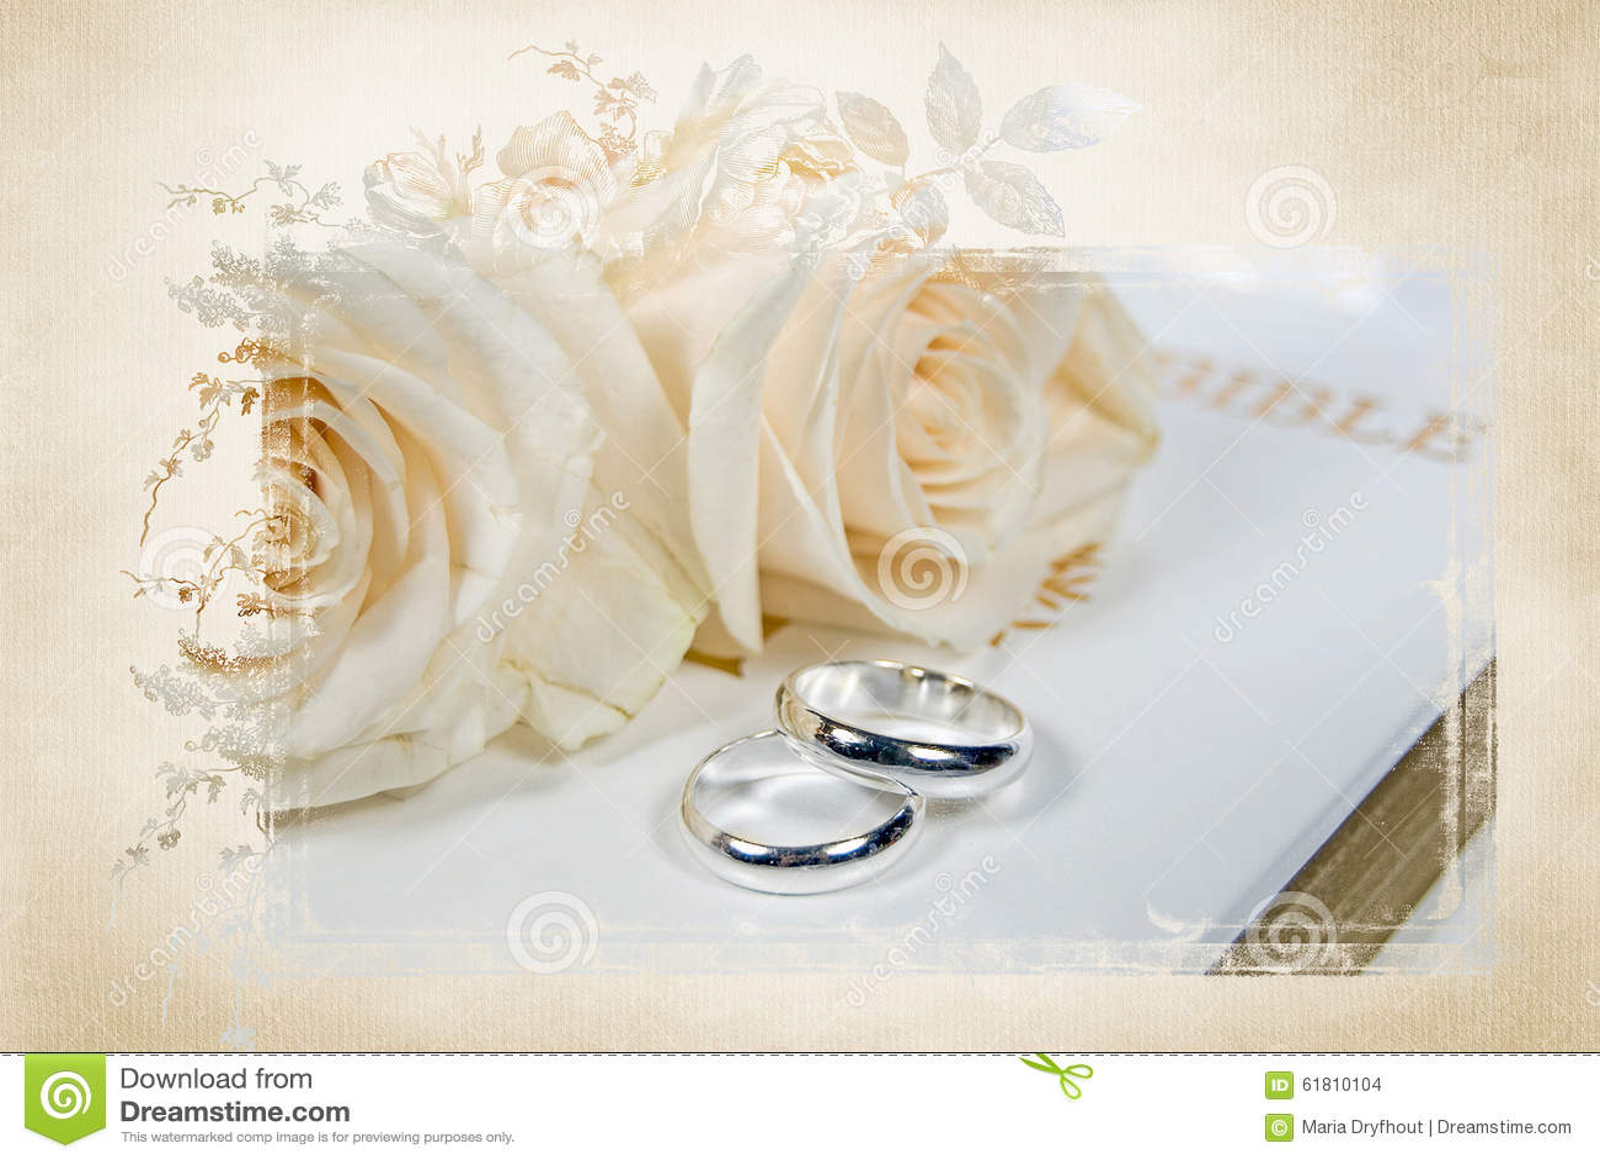 Biblia Y Matrimonio : Anillos de bodas en la biblia foto archivo imagen